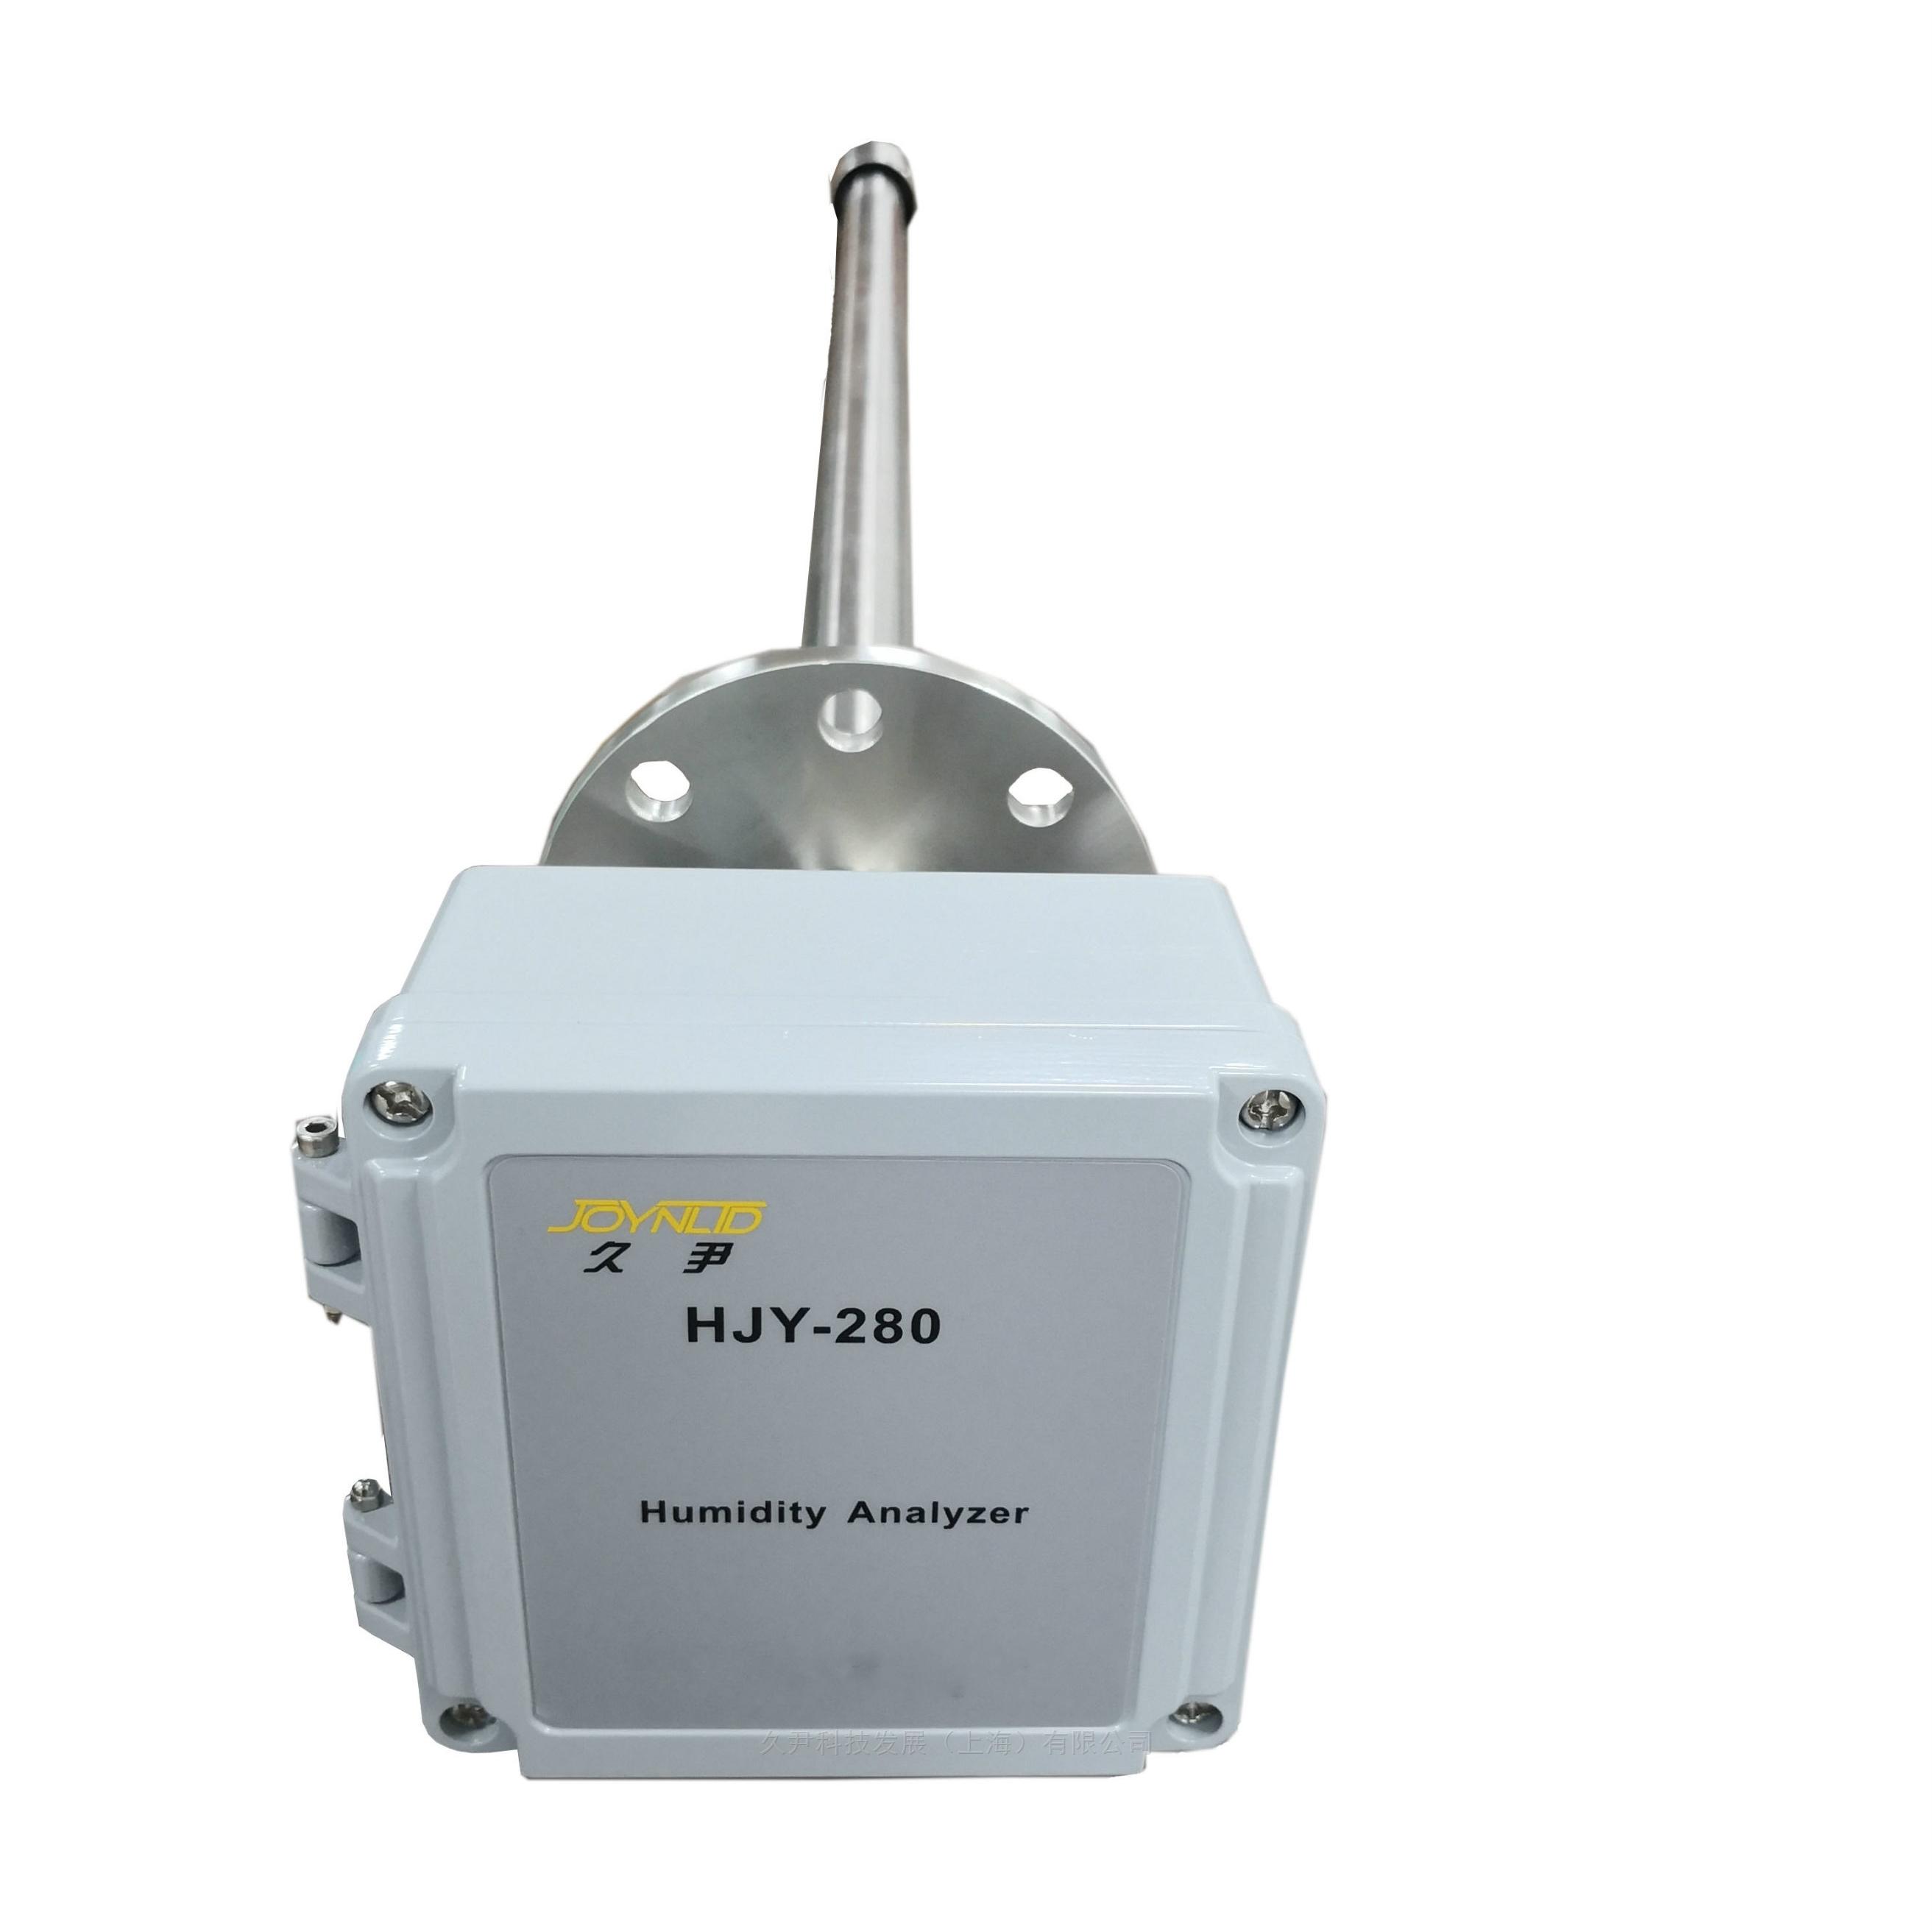 环境保护专用烟气湿度仪